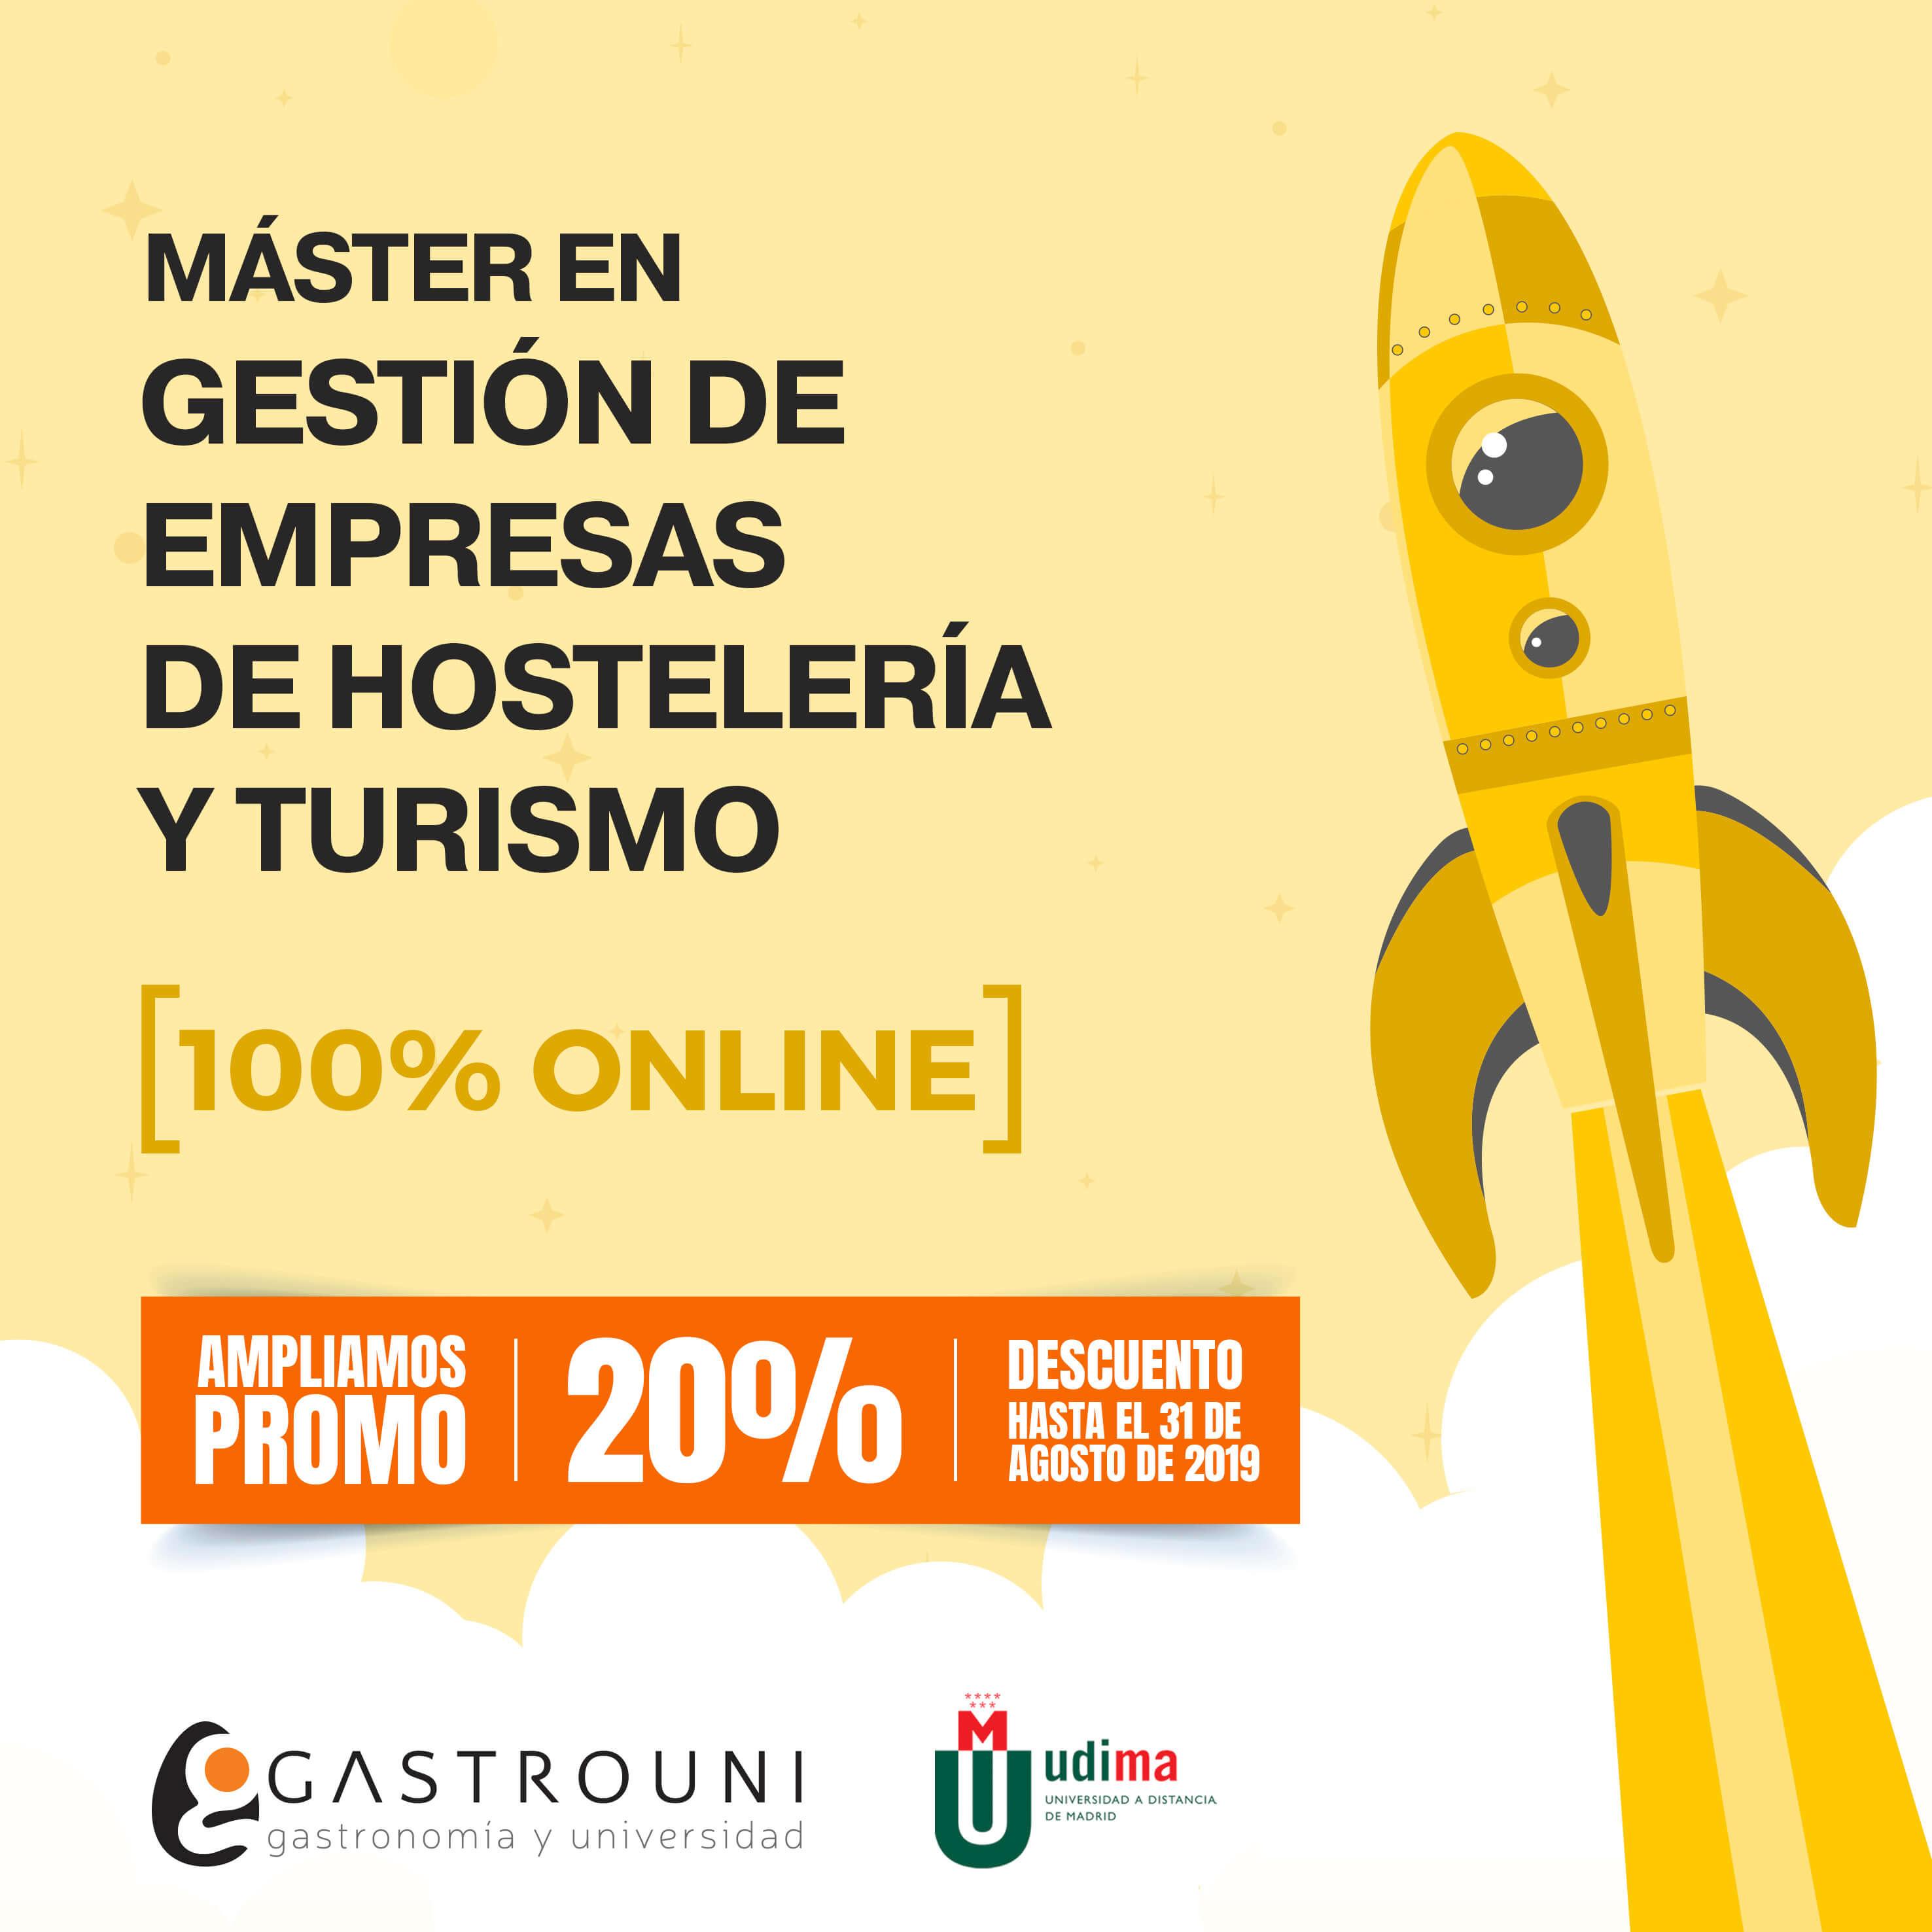 Ampliamos promoción para el Máster en Gestión de Empresas de Hostelería y Turismo de Gastrouni y UDIMA